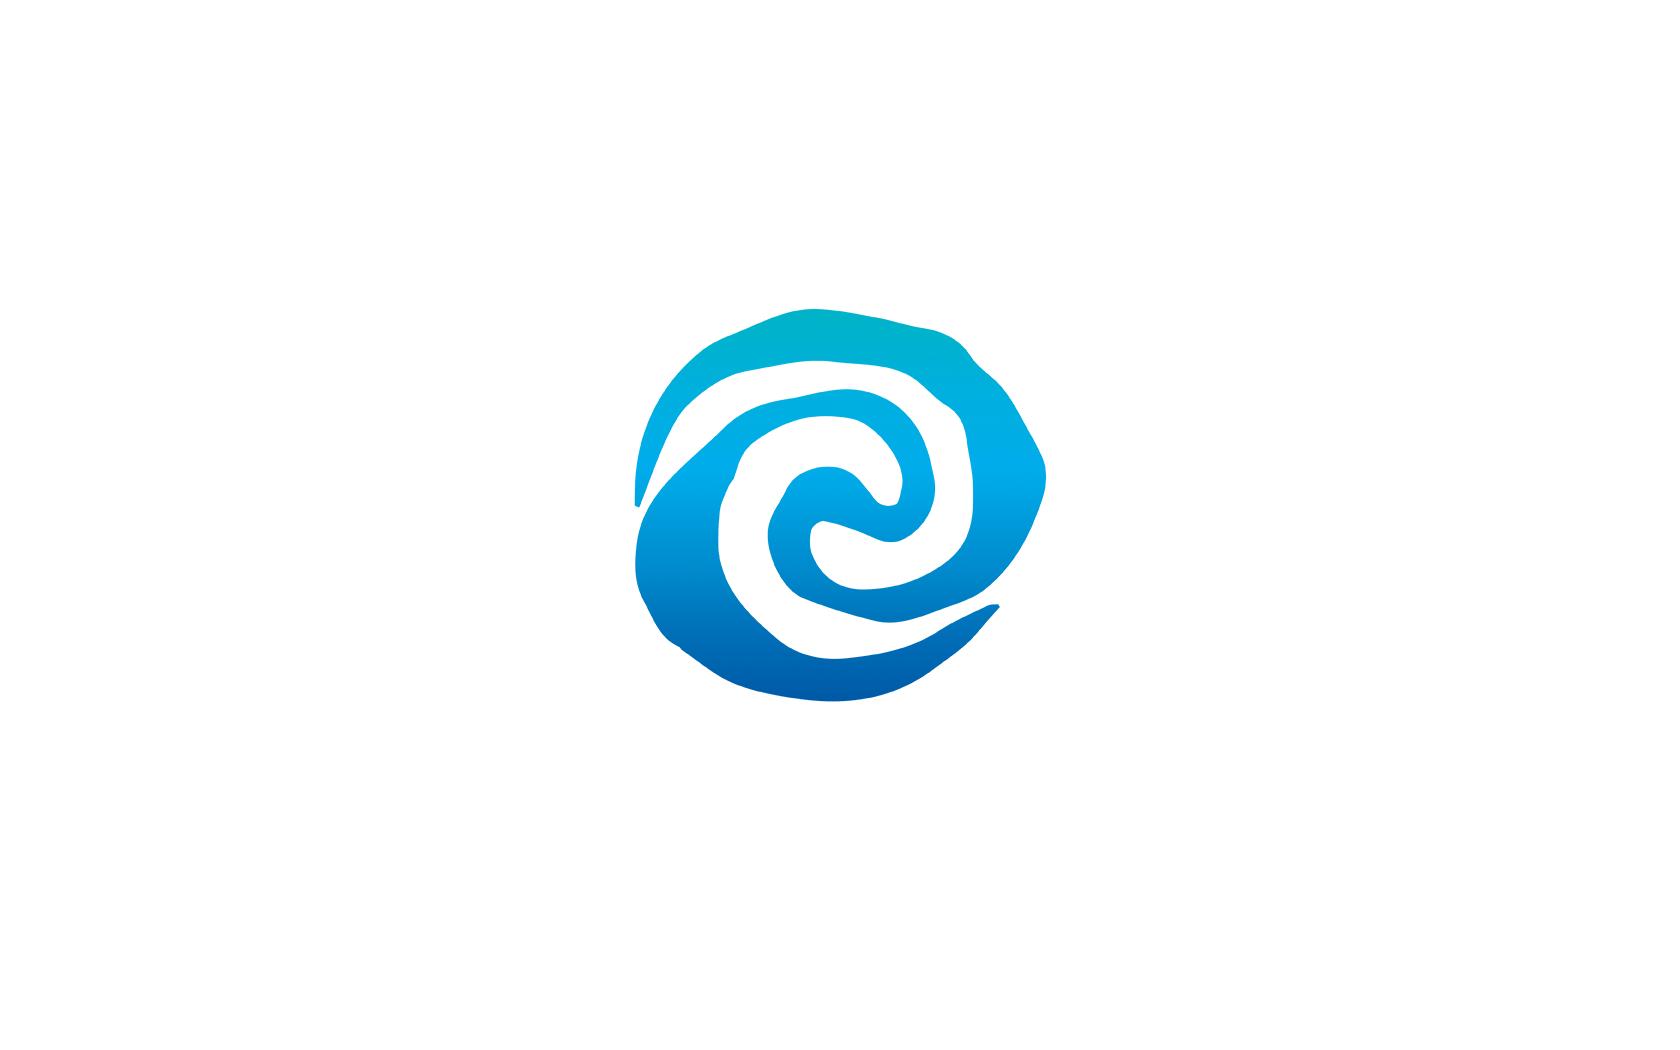 From Moana Circle Symbol